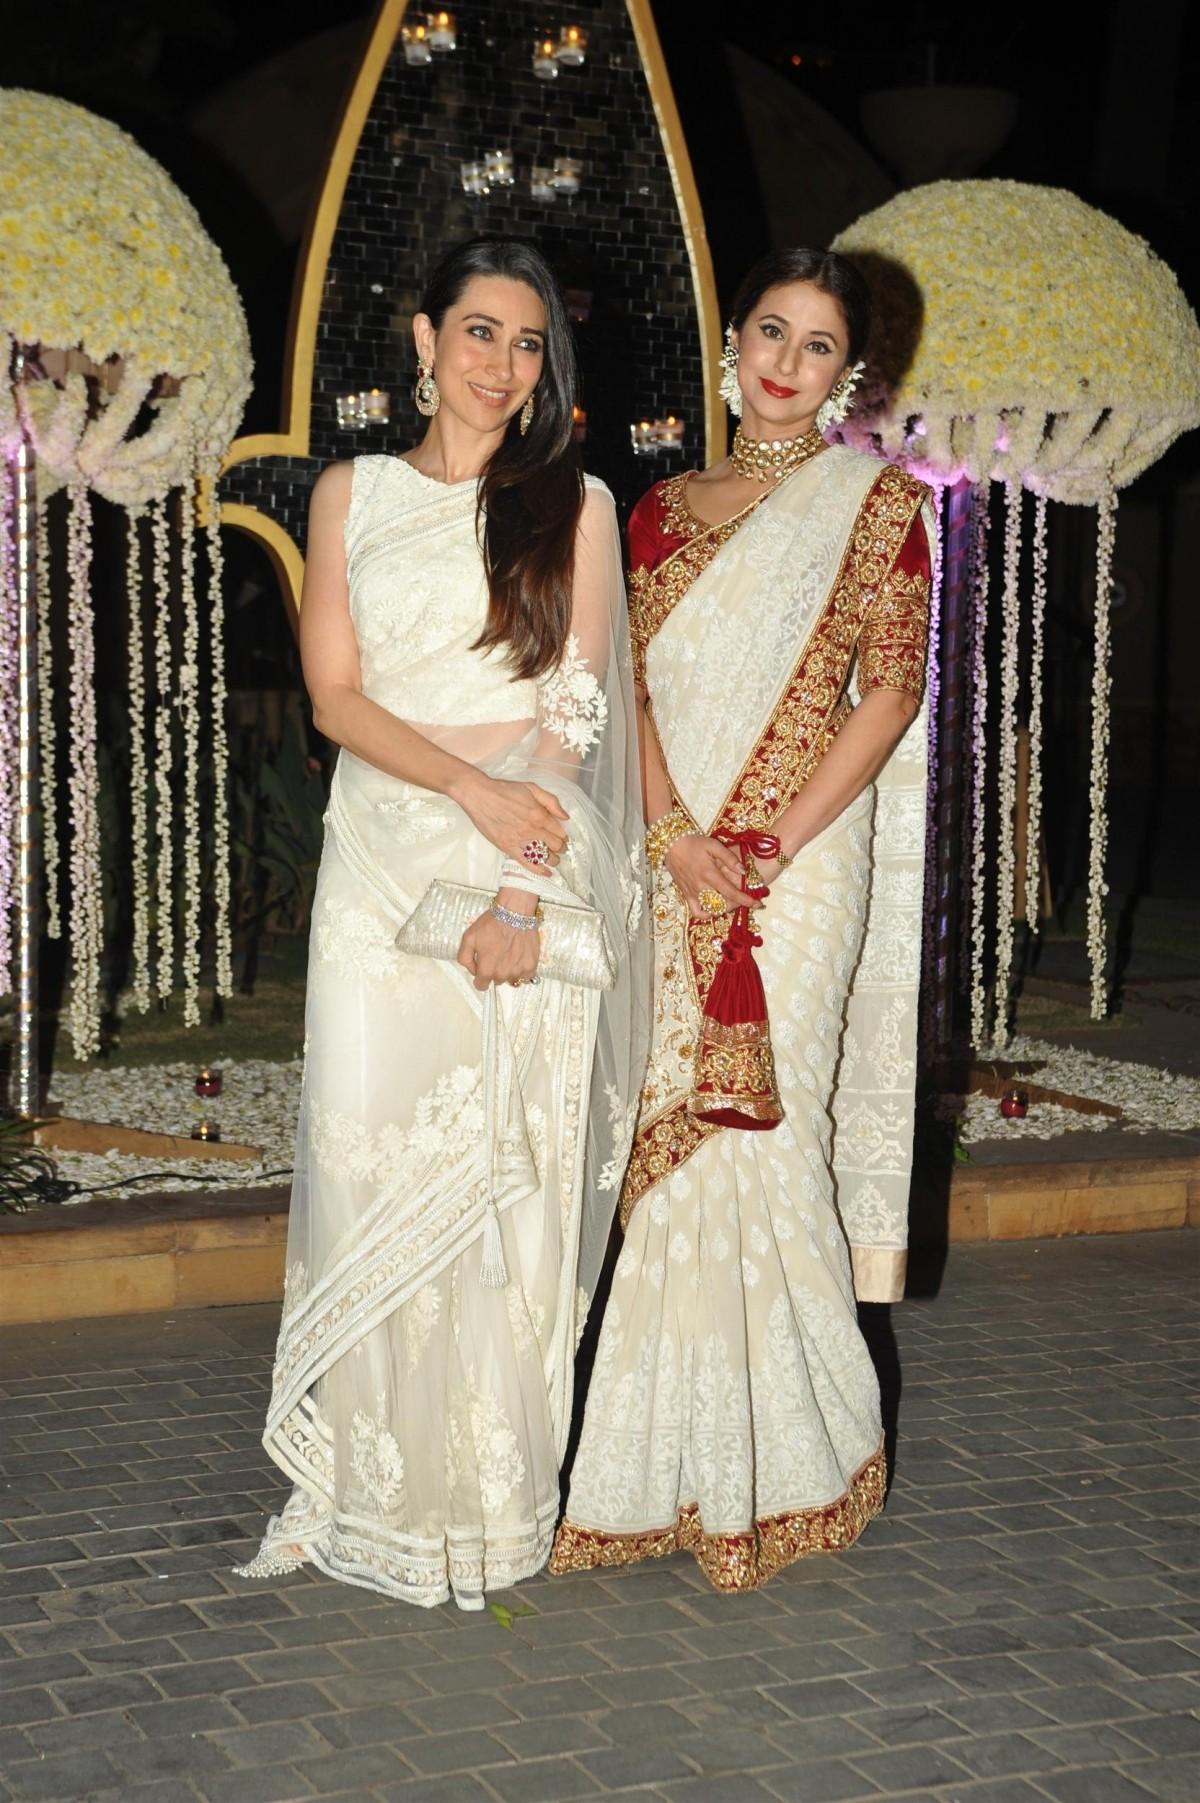 Karishma Kapoor and Urmila Matondkar